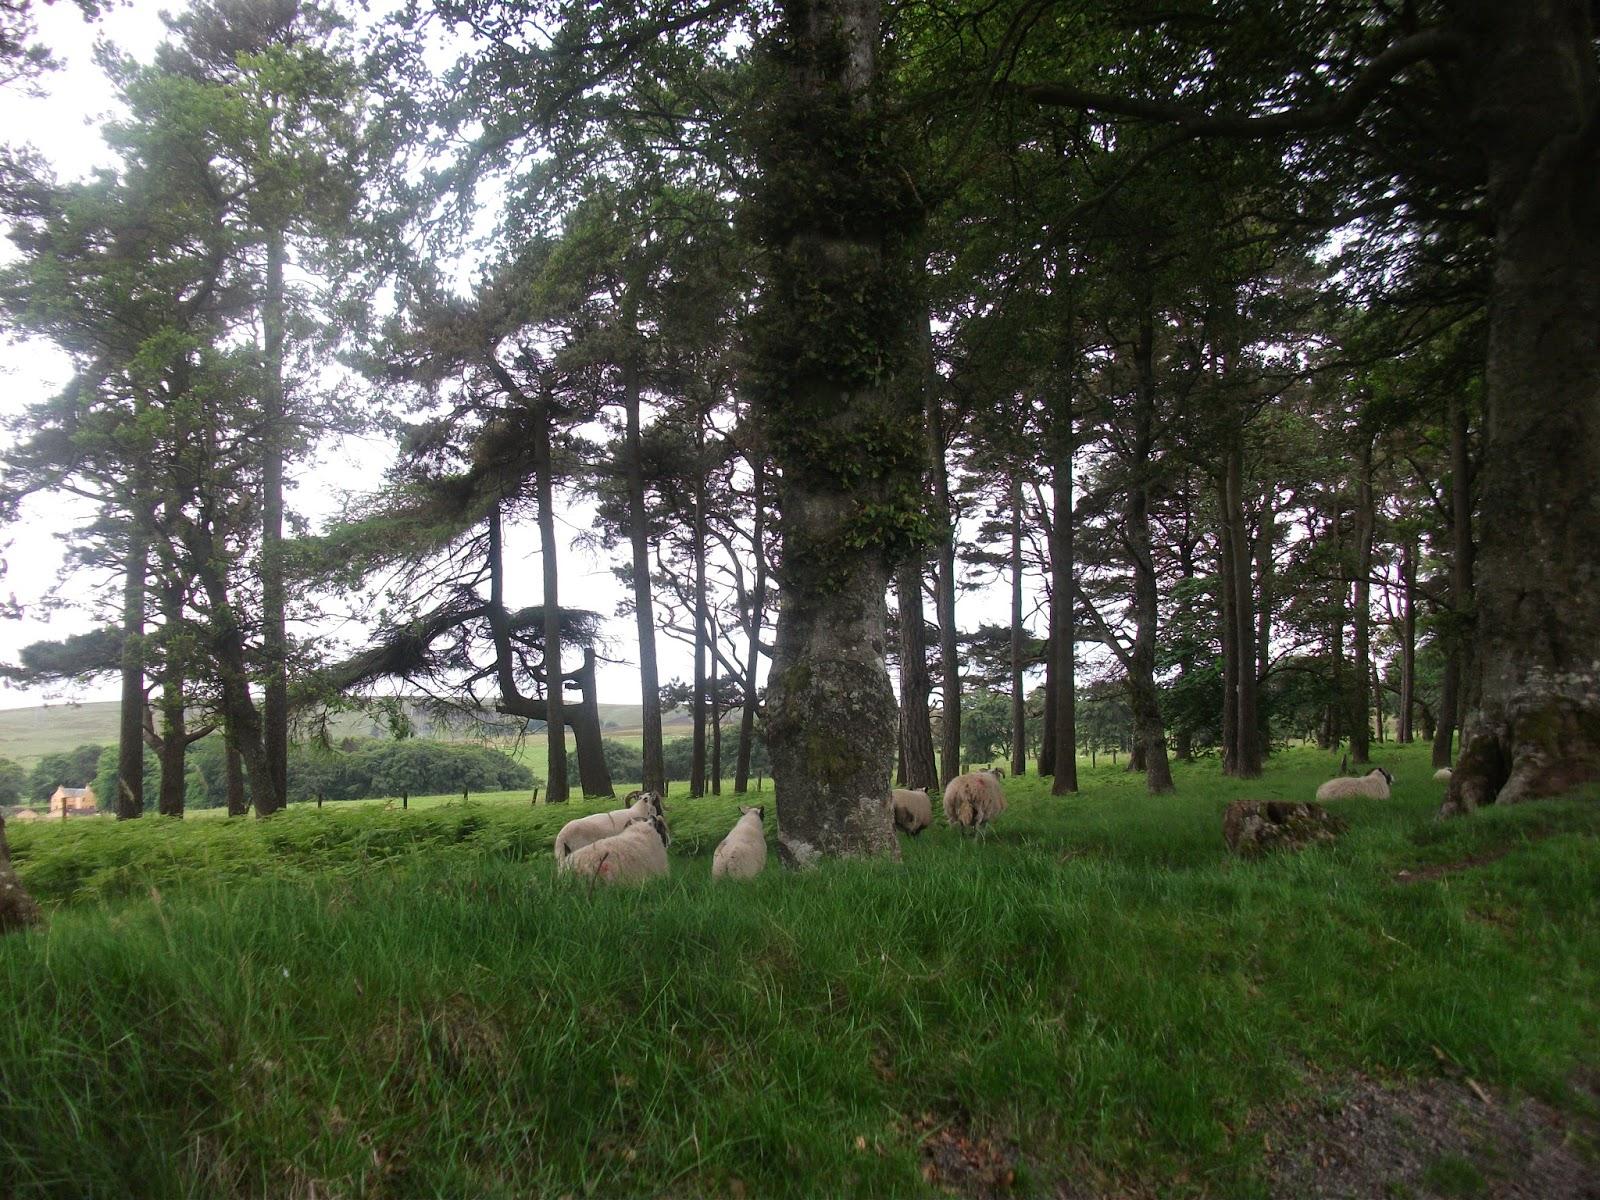 Several Sheep!